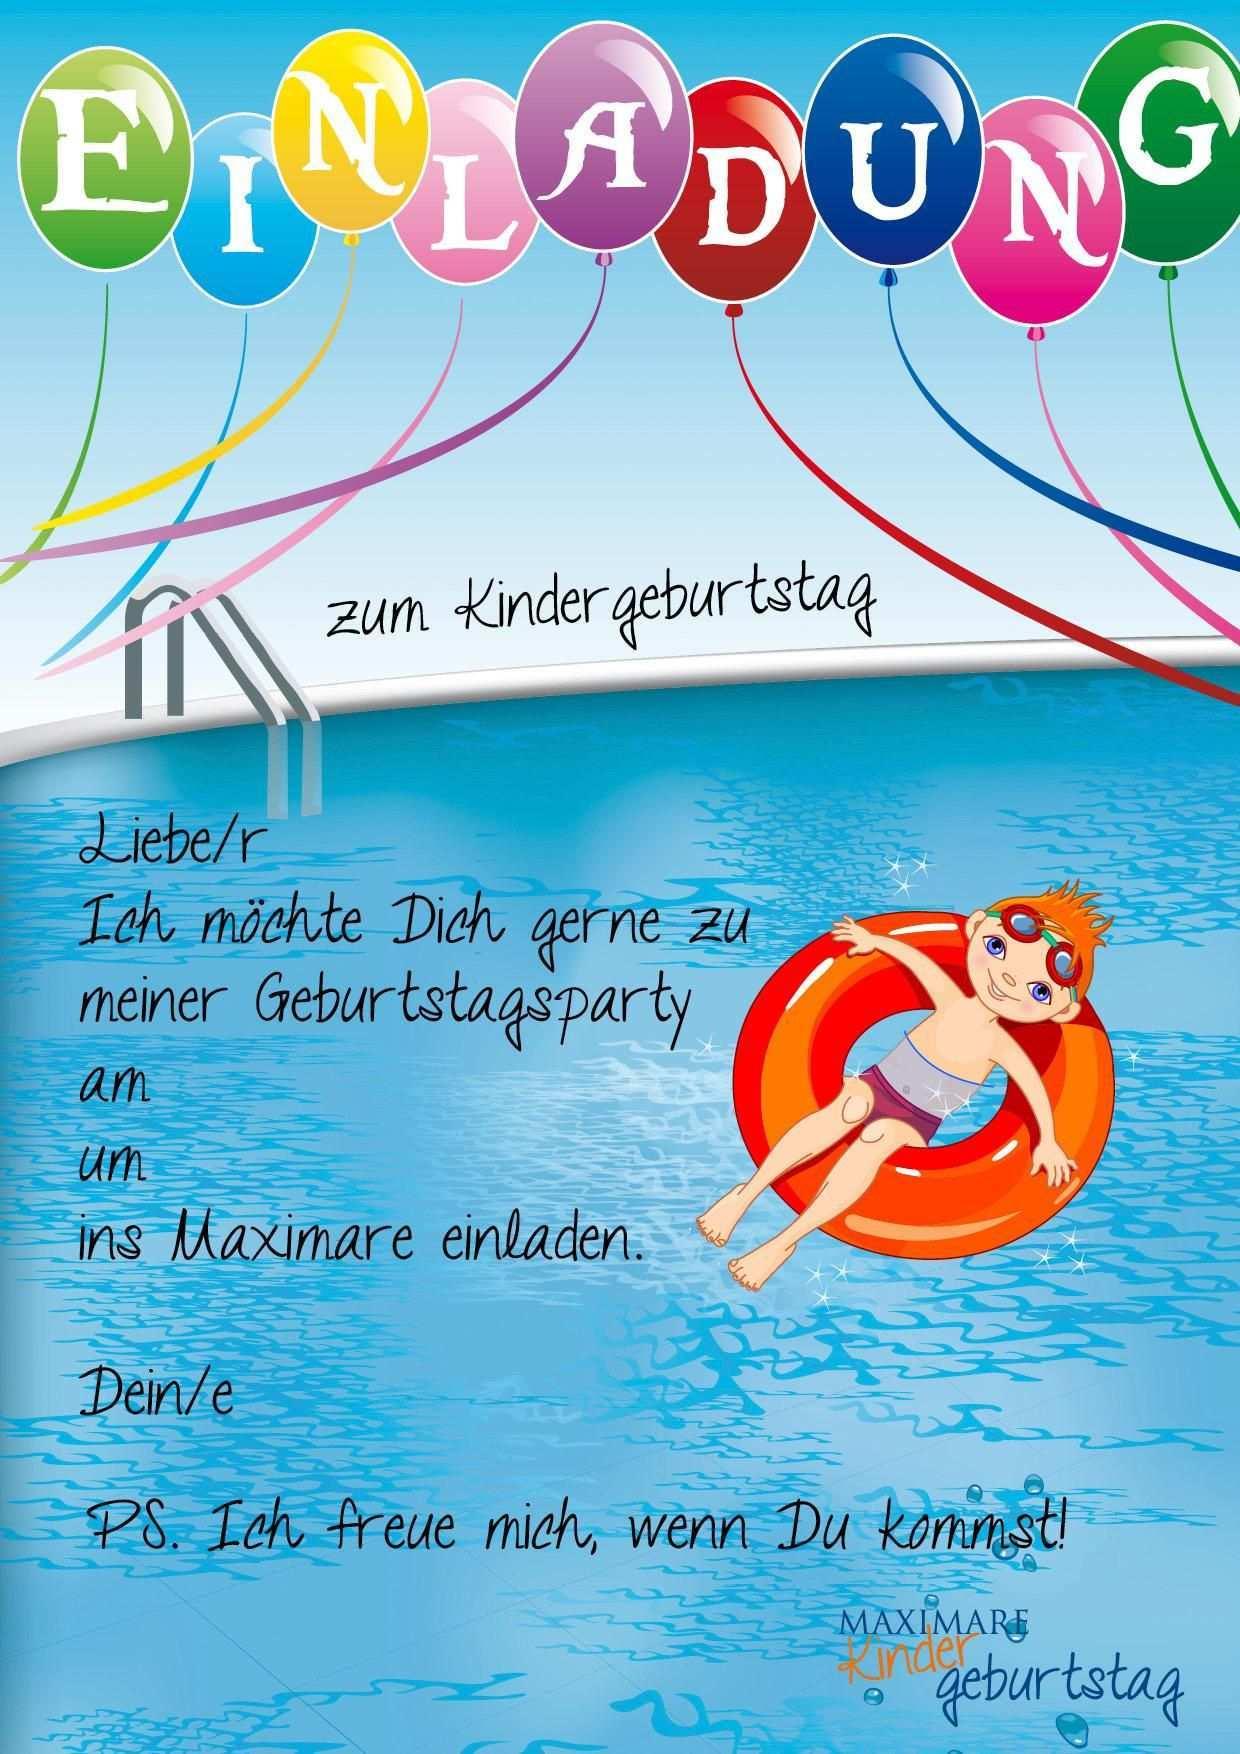 Einladung Kindergeburtstag Schwimmen Basteln Einladung Kindergeburtstag Einladung Geburtstag Einladungskarten Kindergeburtstag Zum Ausdrucken